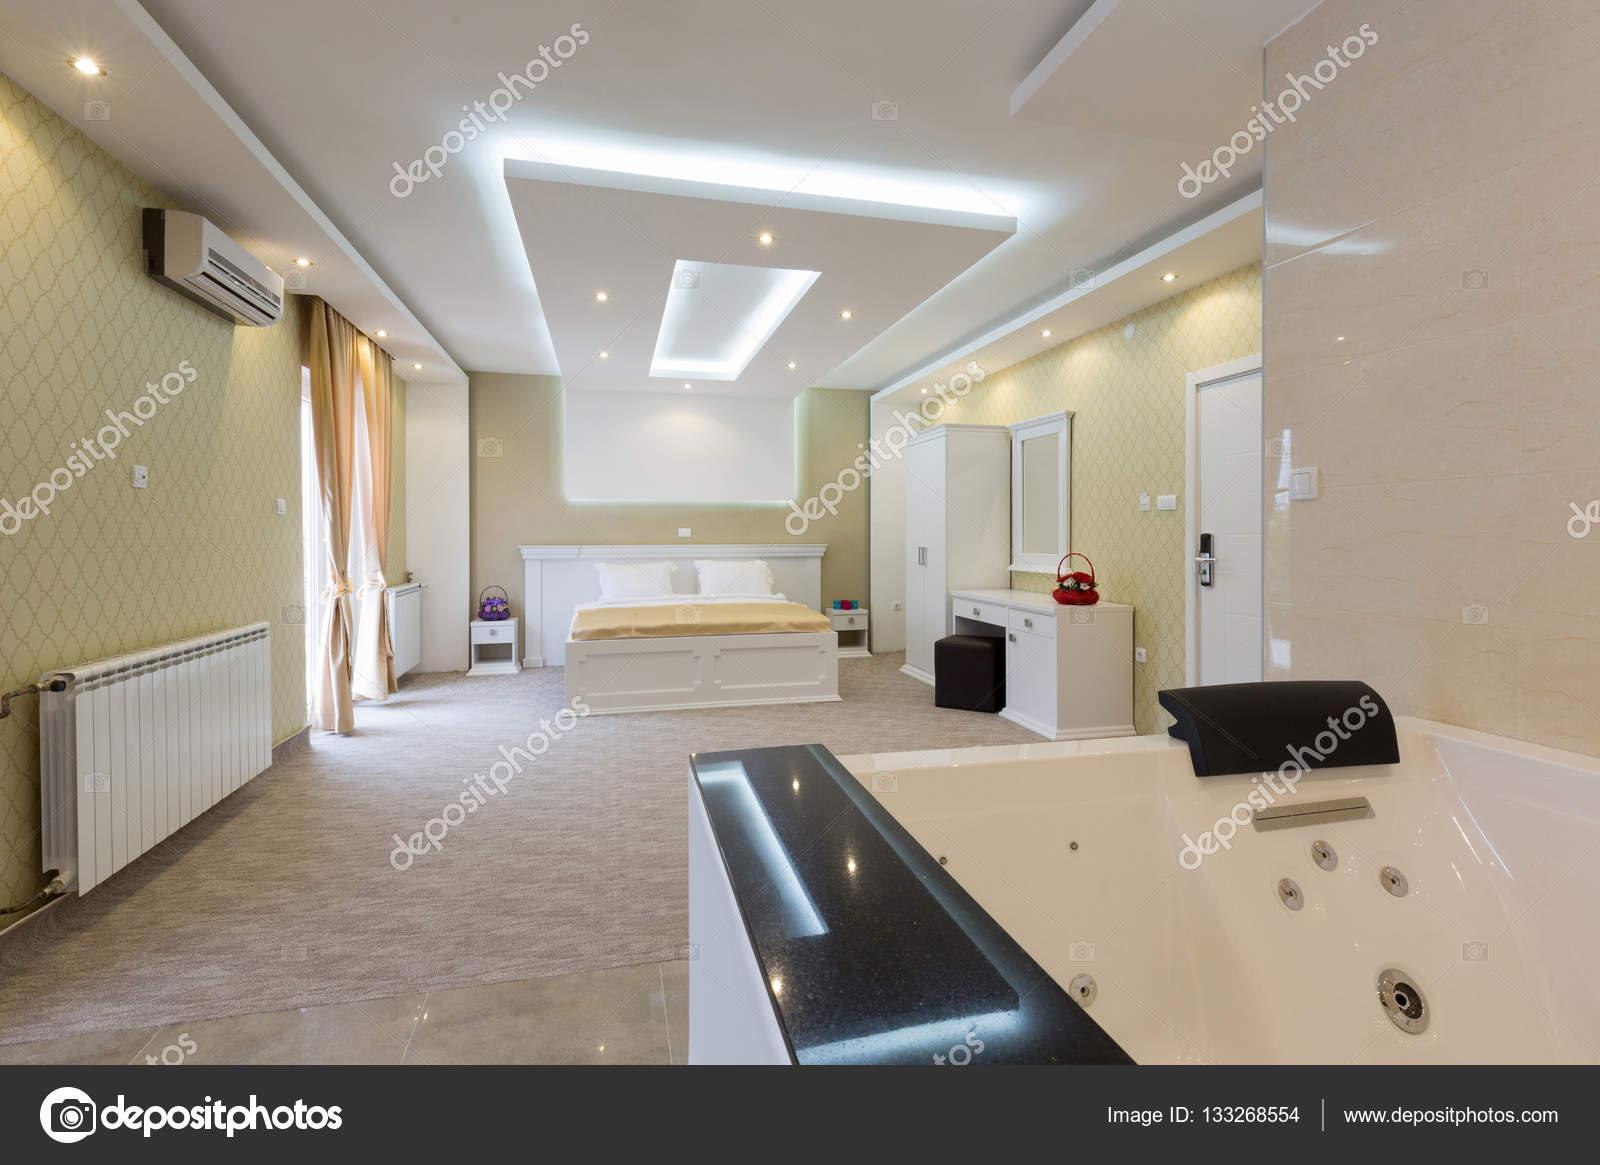 Vasche idromassaggio in camera da letto hotel — Foto Stock © rilueda ...